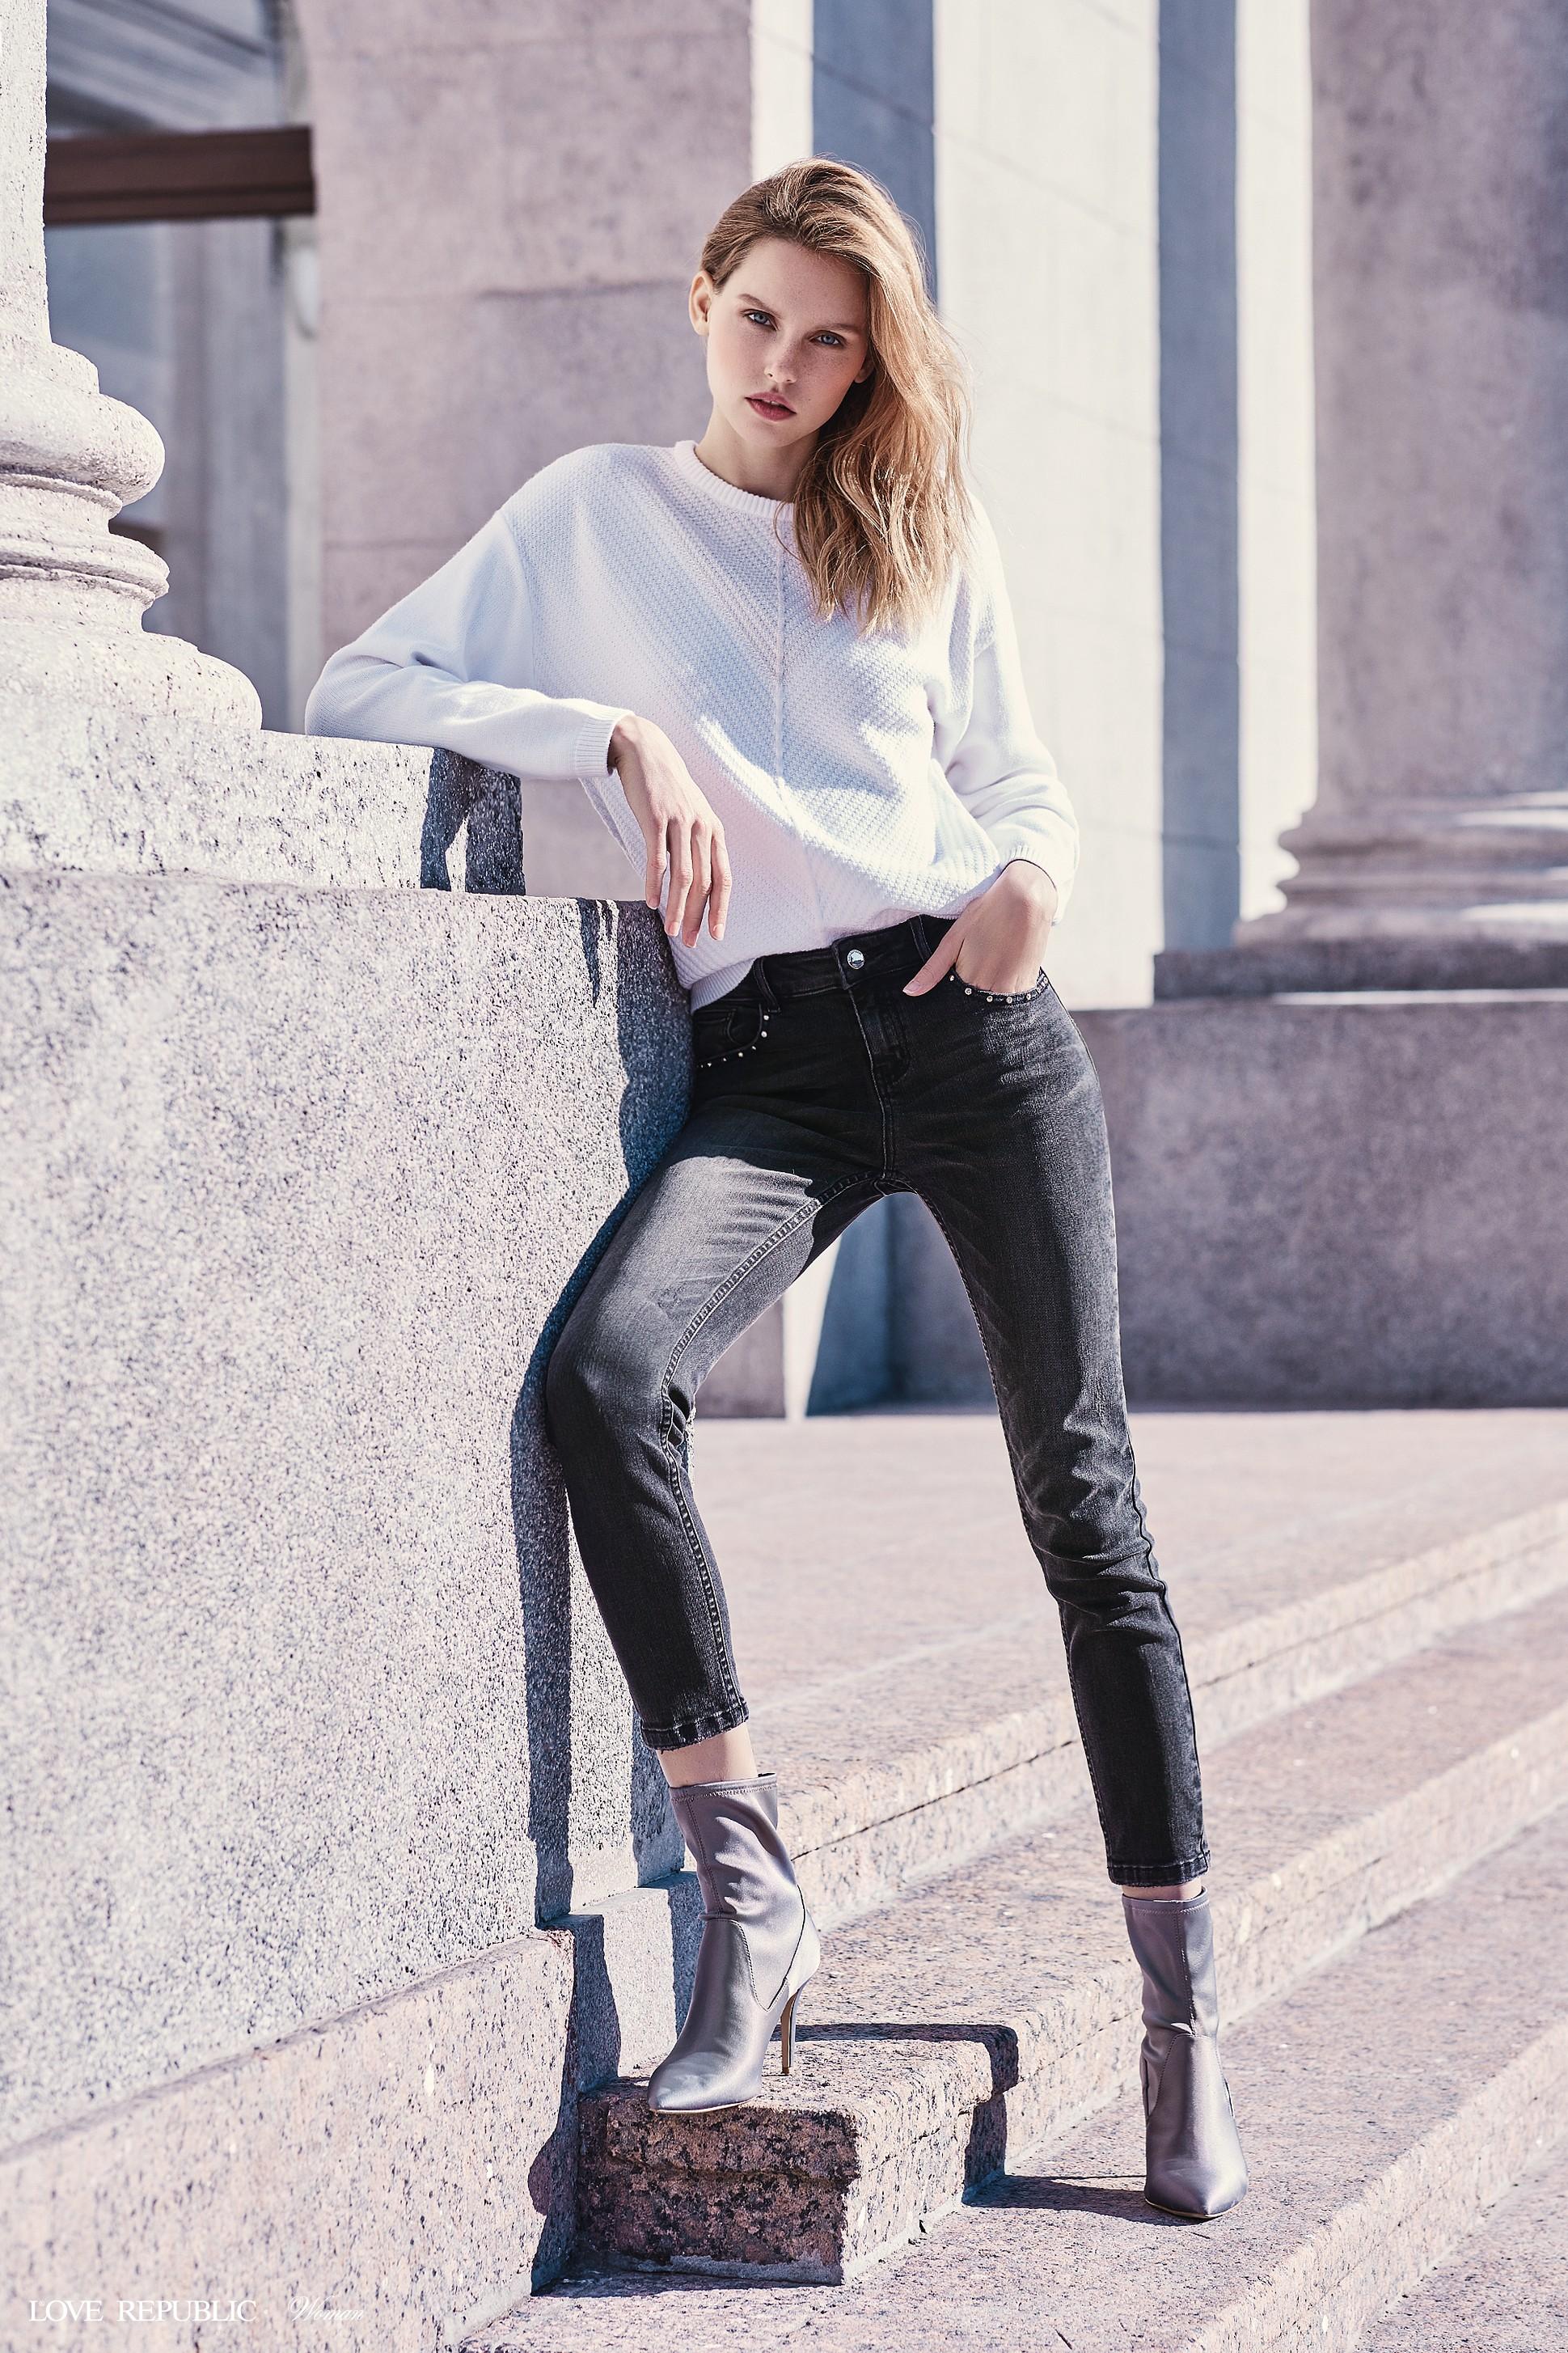 f3bb1e62adbfb55 Брюки джинсовые 8450941705-109 - купить в интернет-магазине LOVE ...